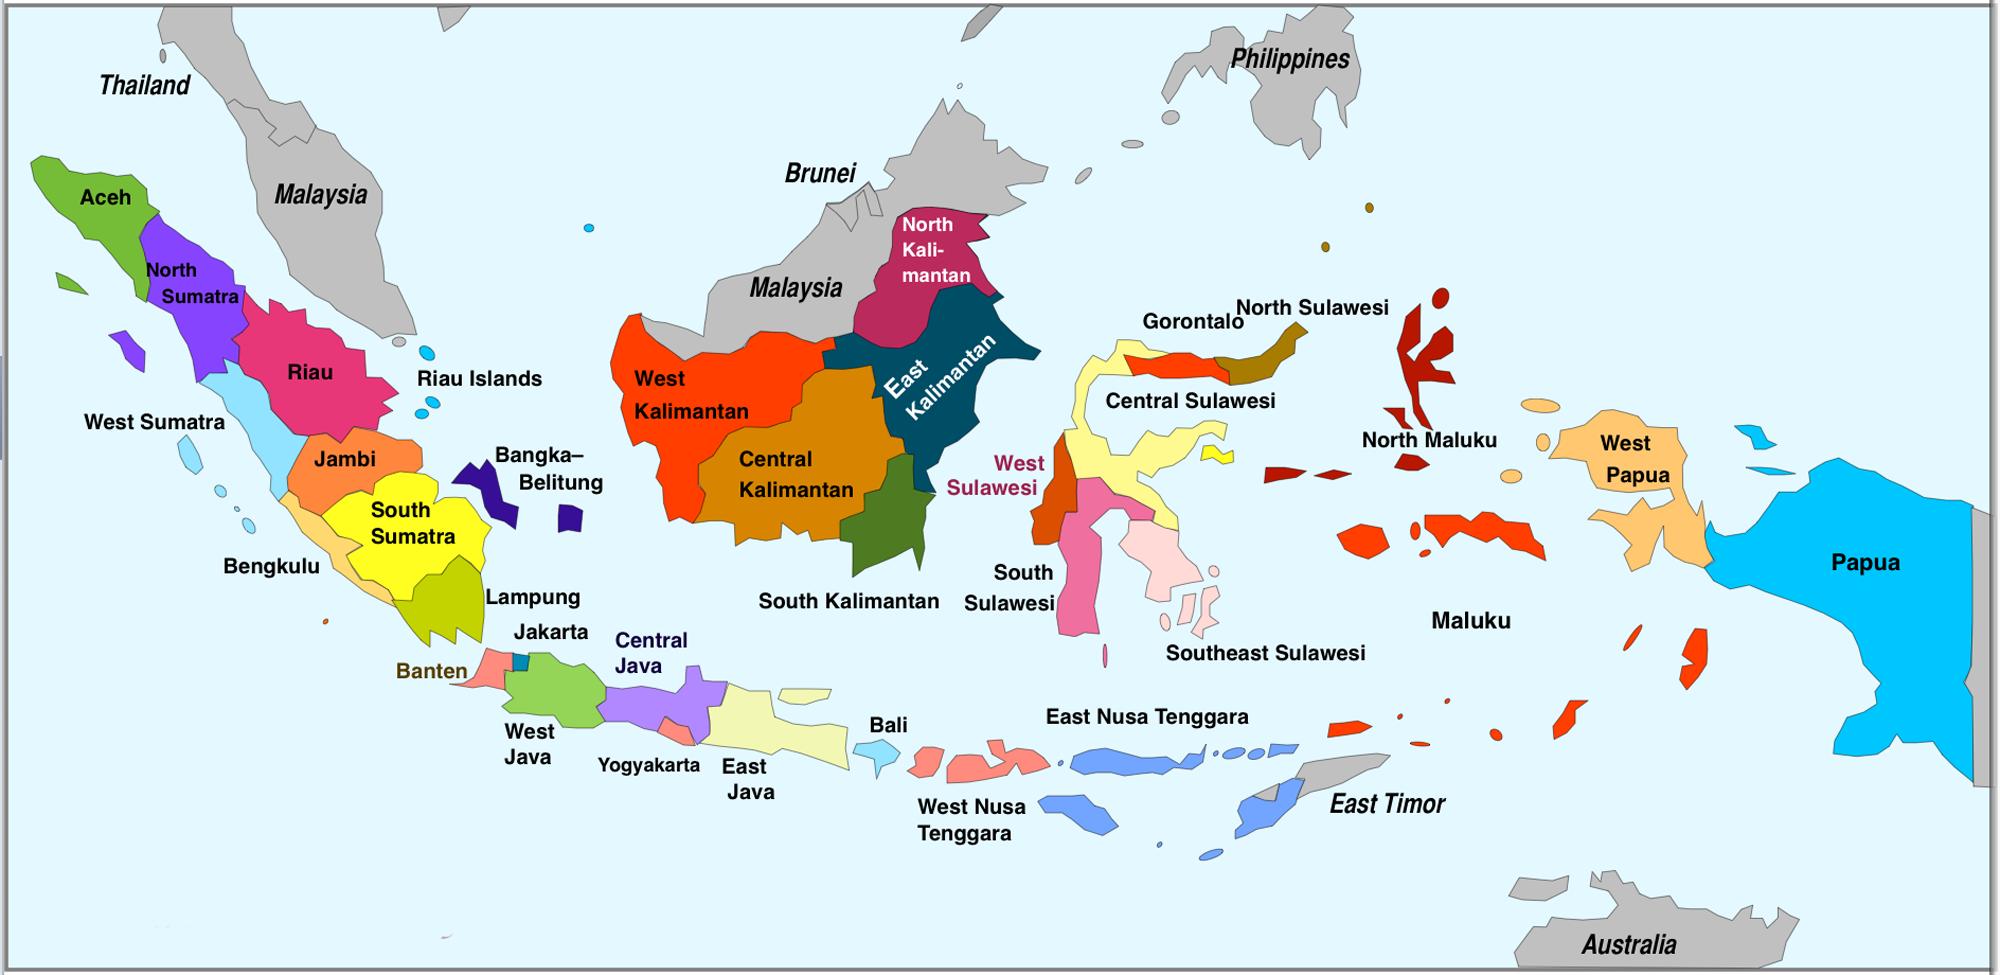 Kaart van Indonesie